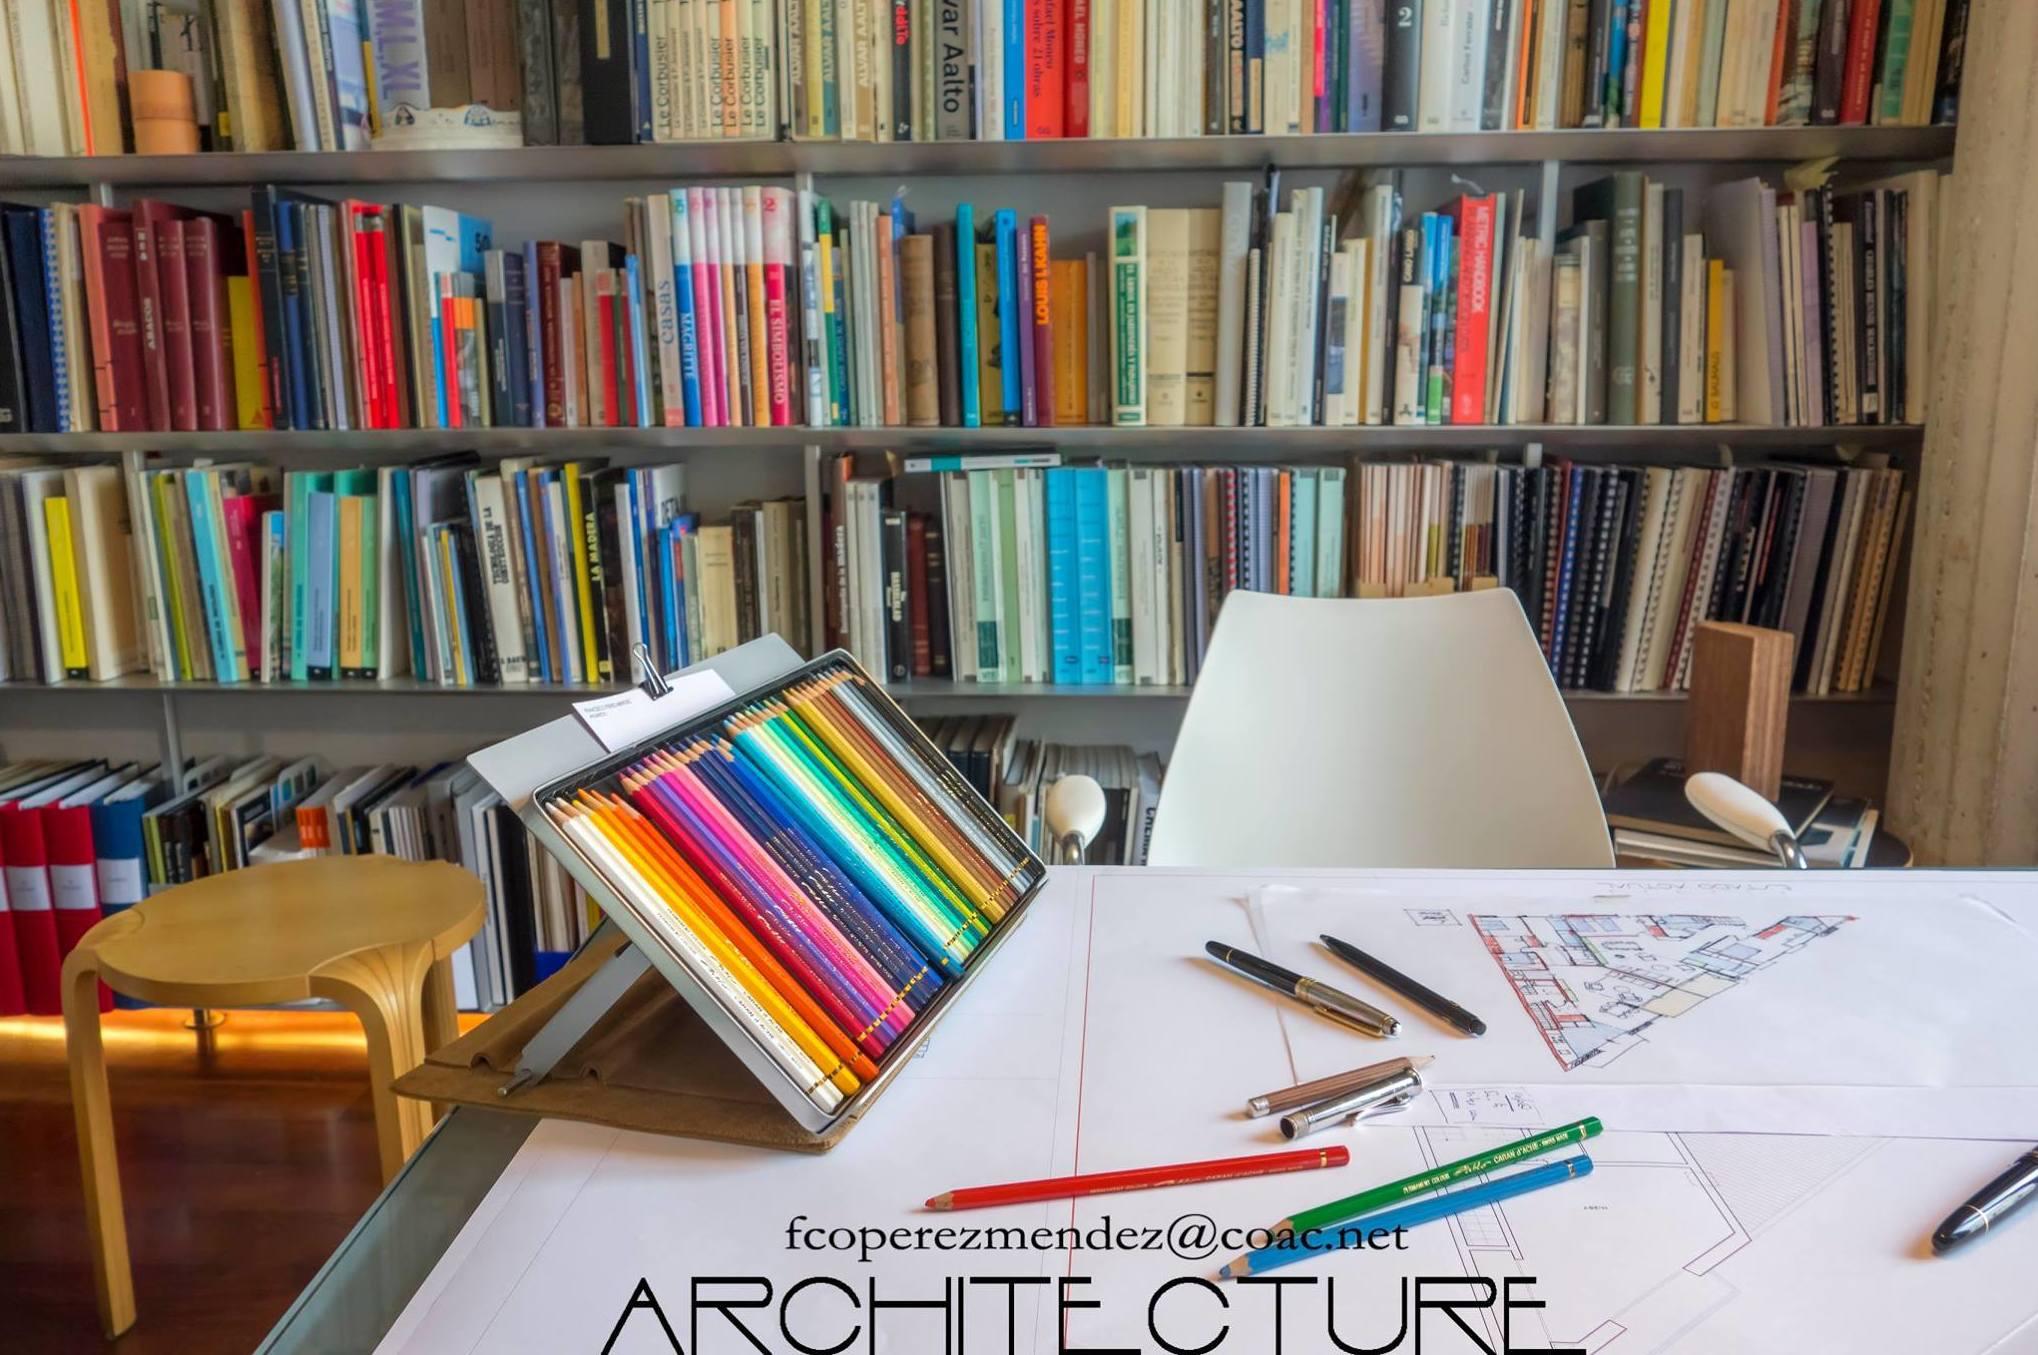 Estudio de Arquitectura  Sitges.   FPMARQUITECTURA   Barcelona